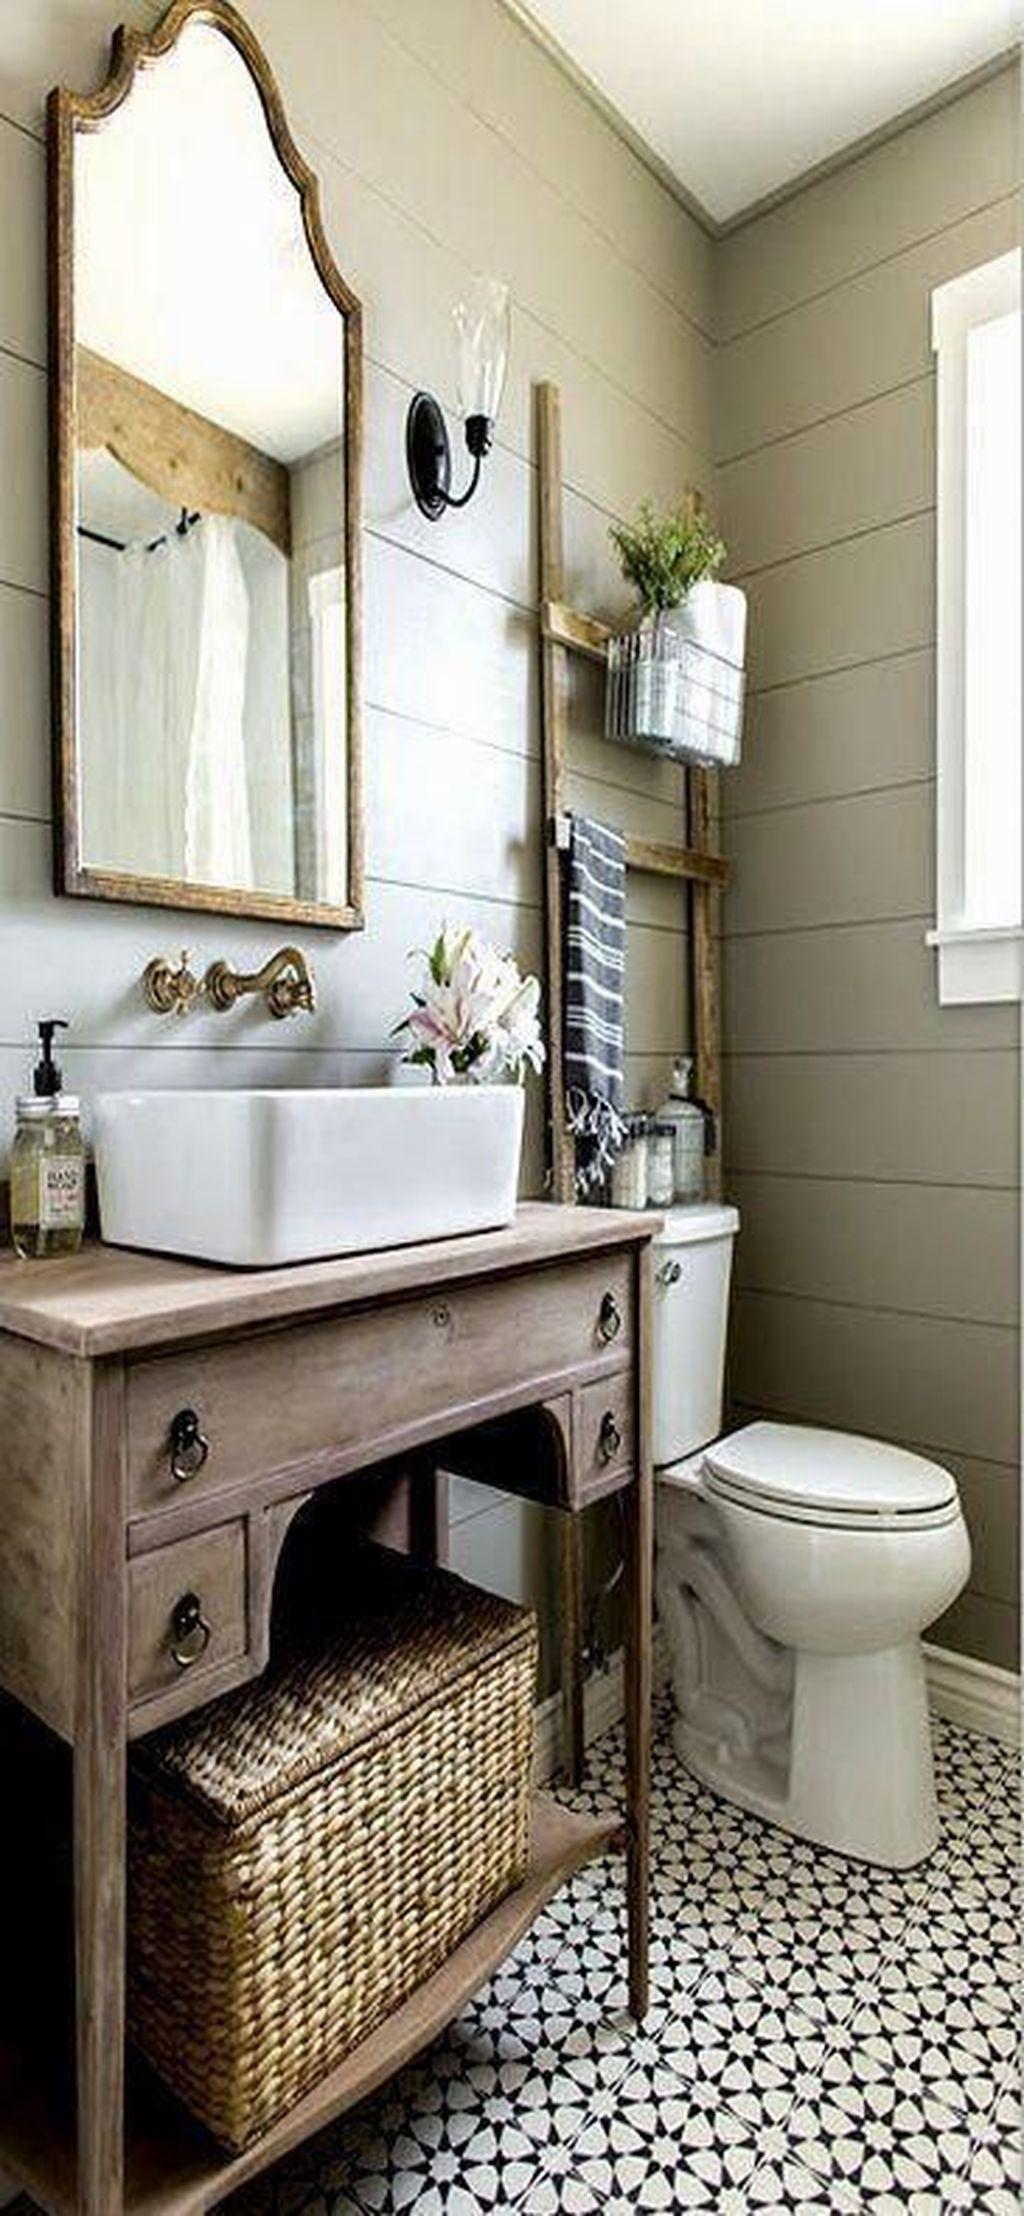 Lovely Relaxing Farmhouse Bathroom Decor Ideas 11